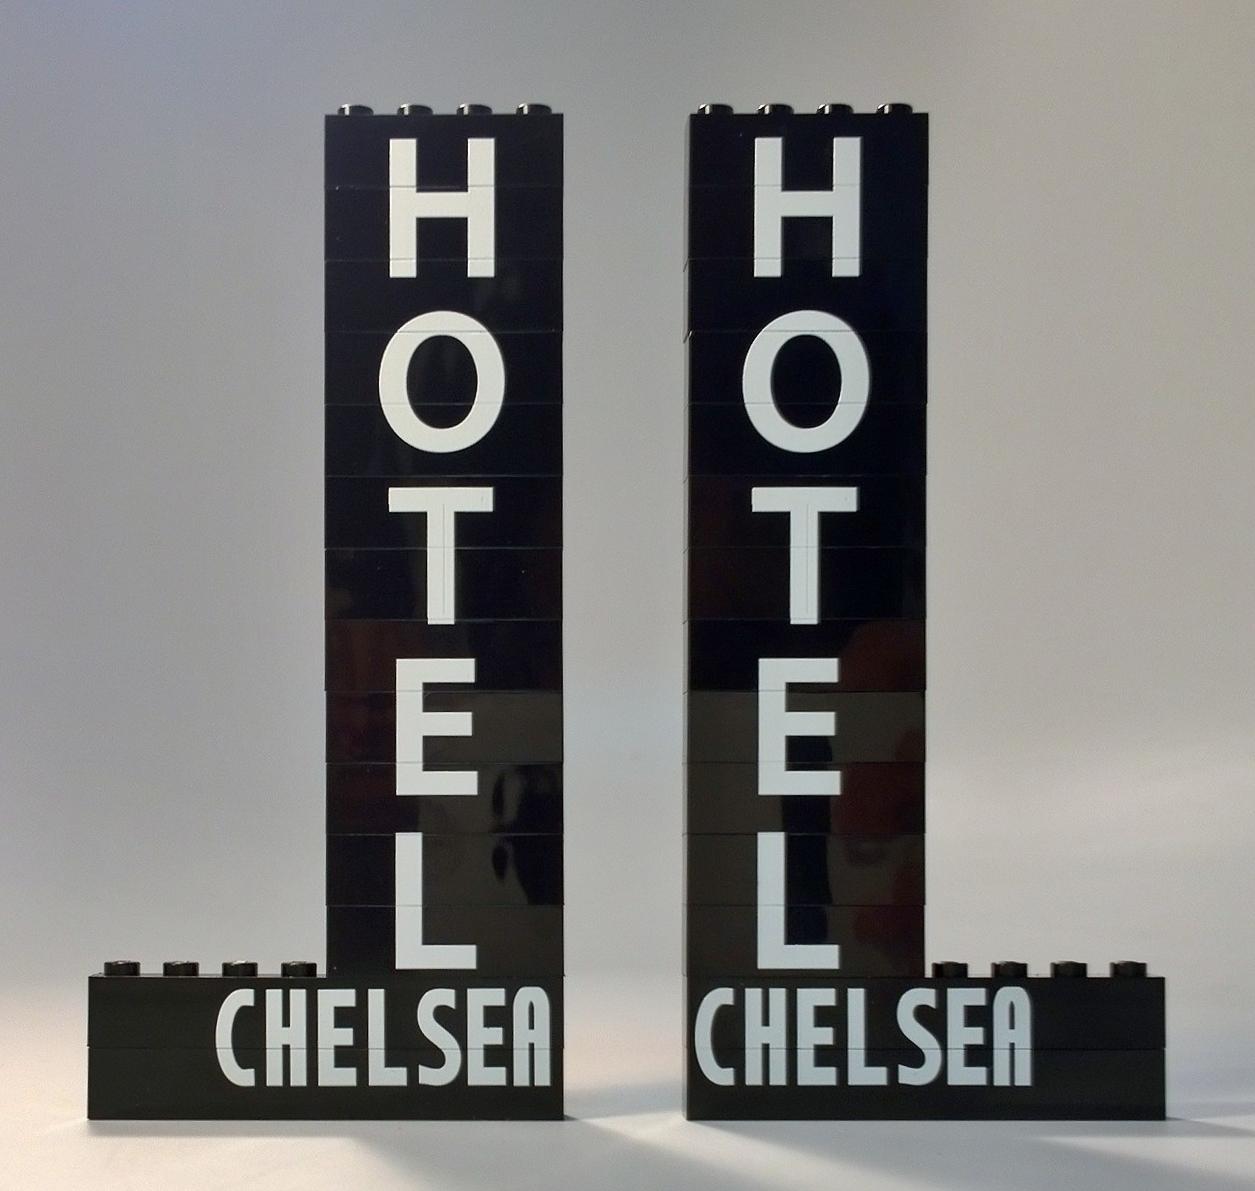 Chelsea hotel (12 12 16).jpg